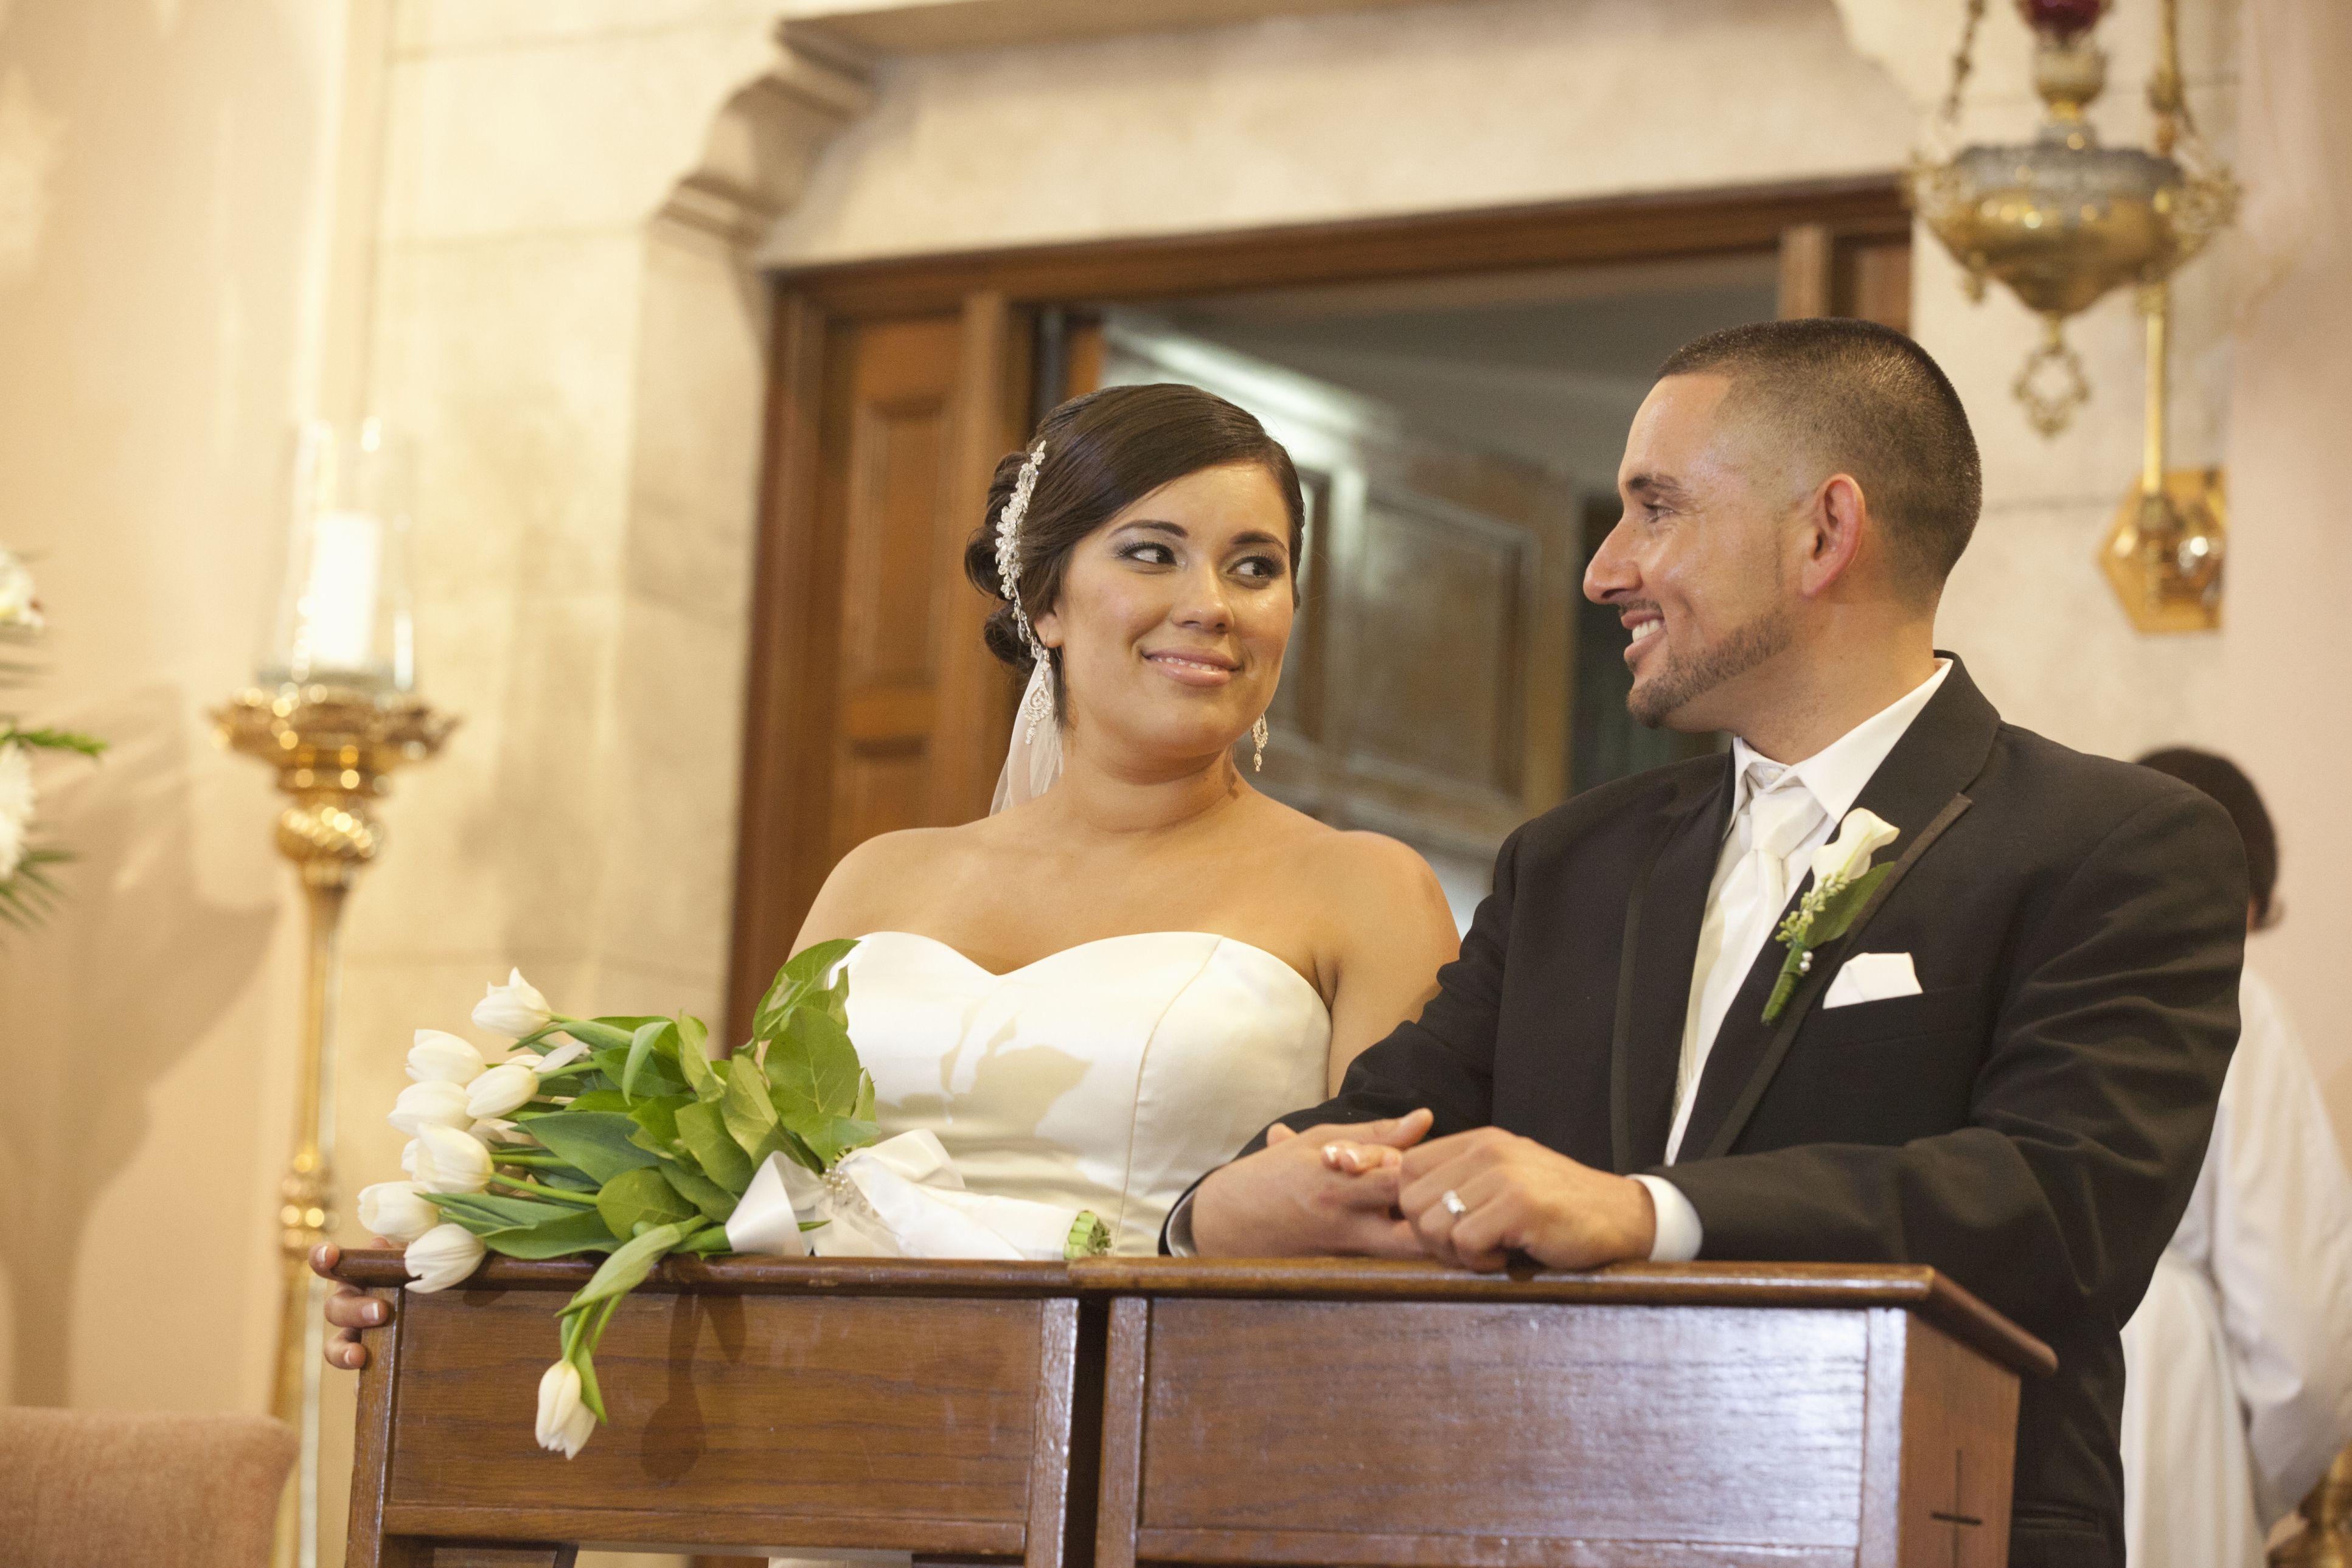 Matrimonio Catolico Sin Confirmacion : Rito del matrimonio ceremonia de católico